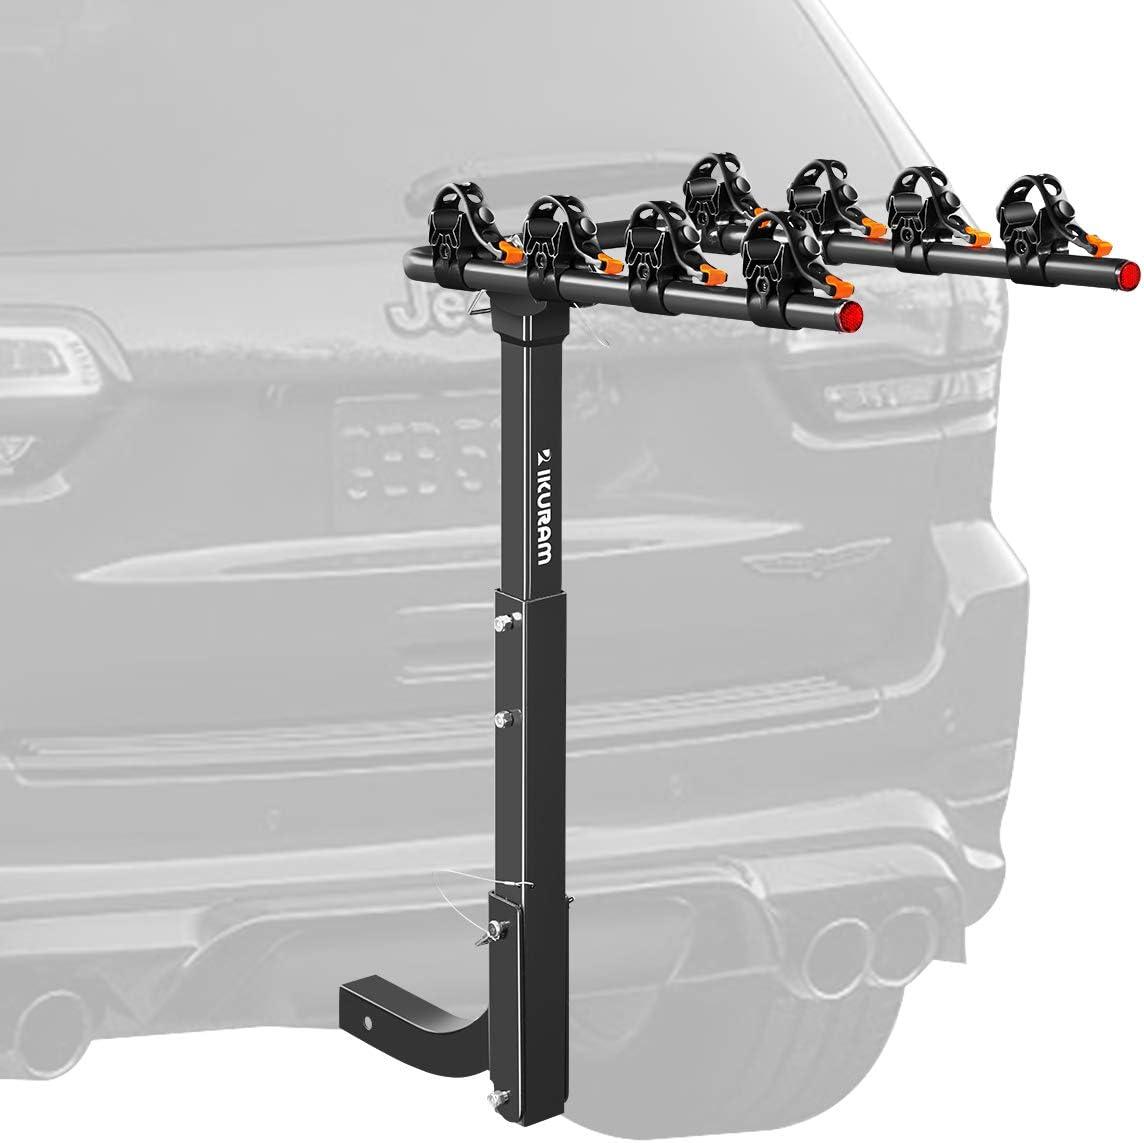 IKURAM 4 Bike Rack Bicycle Carrier